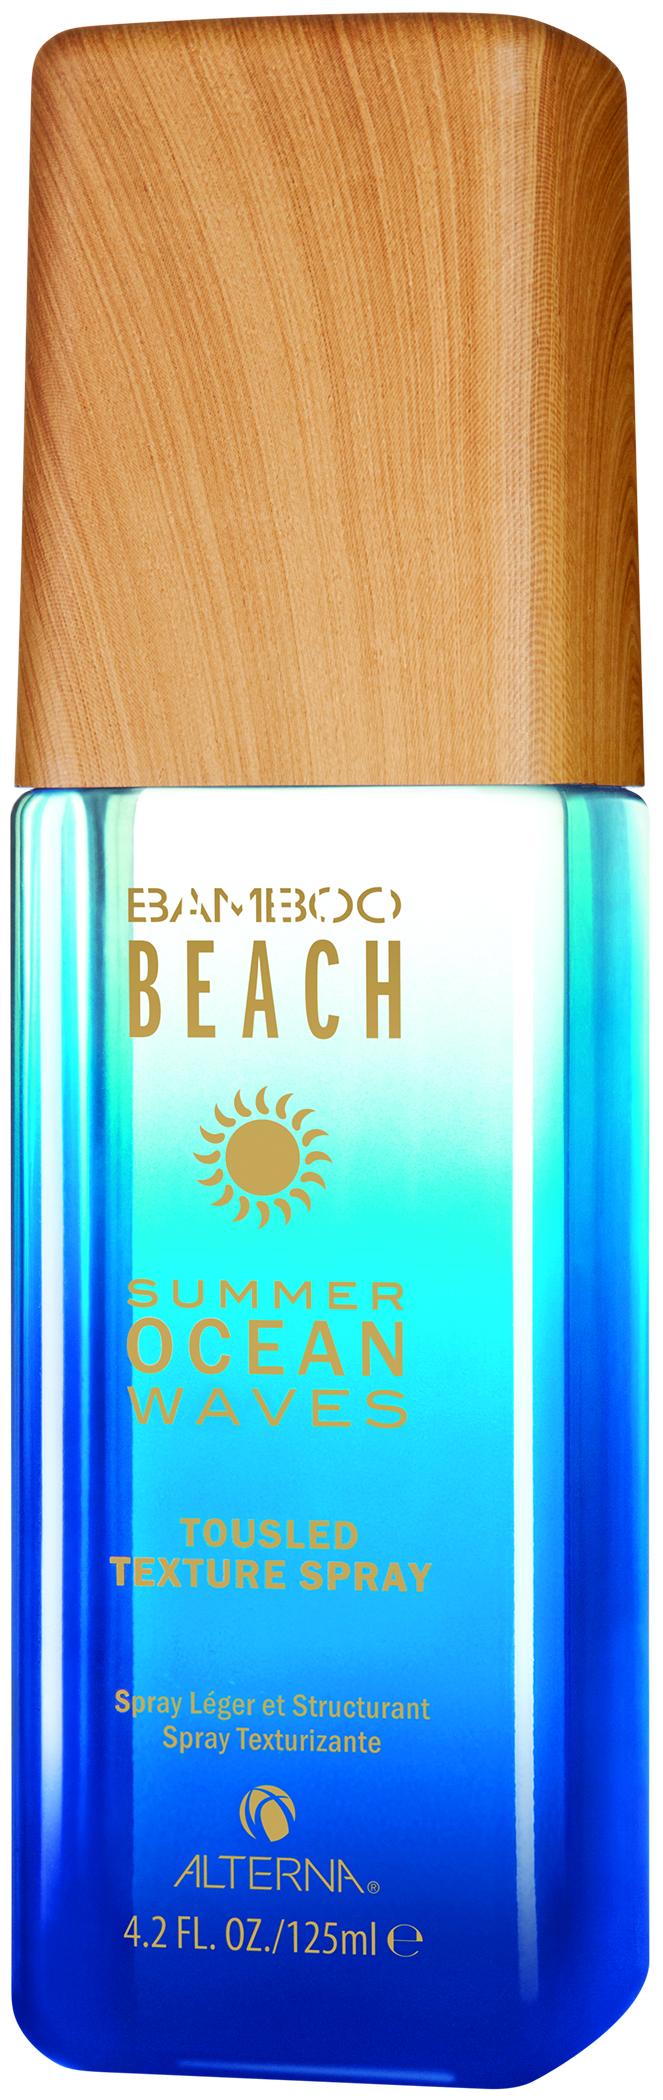 ALTERNA Спрей для создания текстуры / Bamboo Beach Summer Ocean Waves 125млСпреи<br>Summer Ocean Waves Спрей для создания текстуры: лёгкий текстурирующий спрей для создания пляжной укладки. Наносится на сухие или влажные волосы. Спрей защищает от ультрафиолетового излучения, борется с условиями окружающей среды, которые оказывают негативное воздействие на волосы в течение лета, и создаёт эффект непринуждённо взъерошенных волос. Способ применения: распылите на влажные или сухие волосы от корней до кончиков для придания формы пальцами в свободный, небрежный образ.<br><br>Вид средства для волос: Текстурирующая<br>Типы волос: Для всех типов